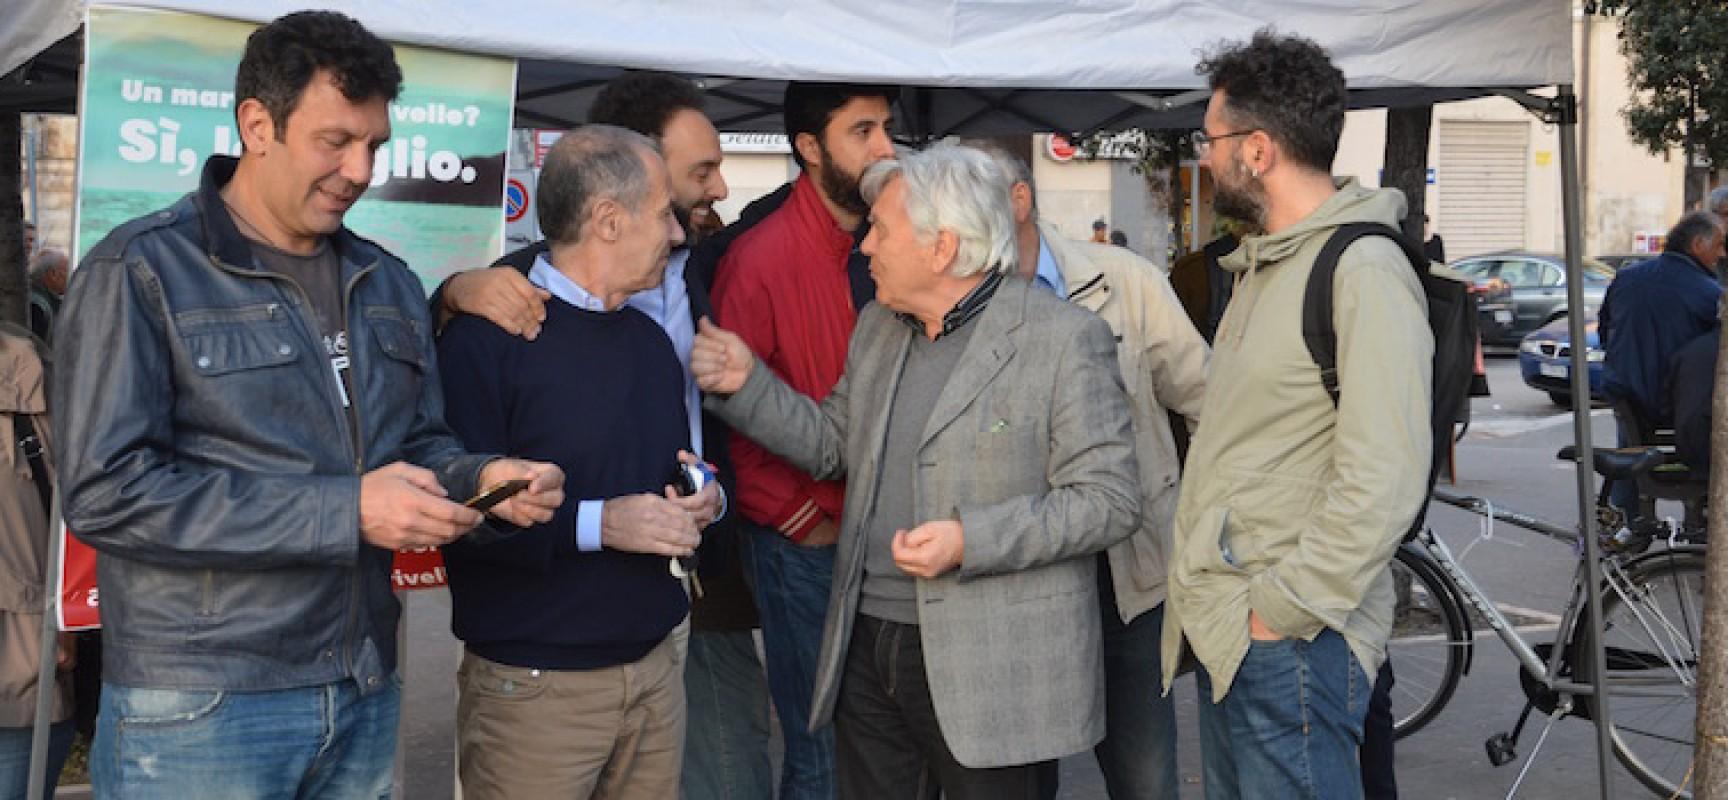 """Trivelle, Sinistra Italiana in piazza. Santorsola: """"Bruttura invitare all'astensione, i petrolieri vanno controllati"""""""